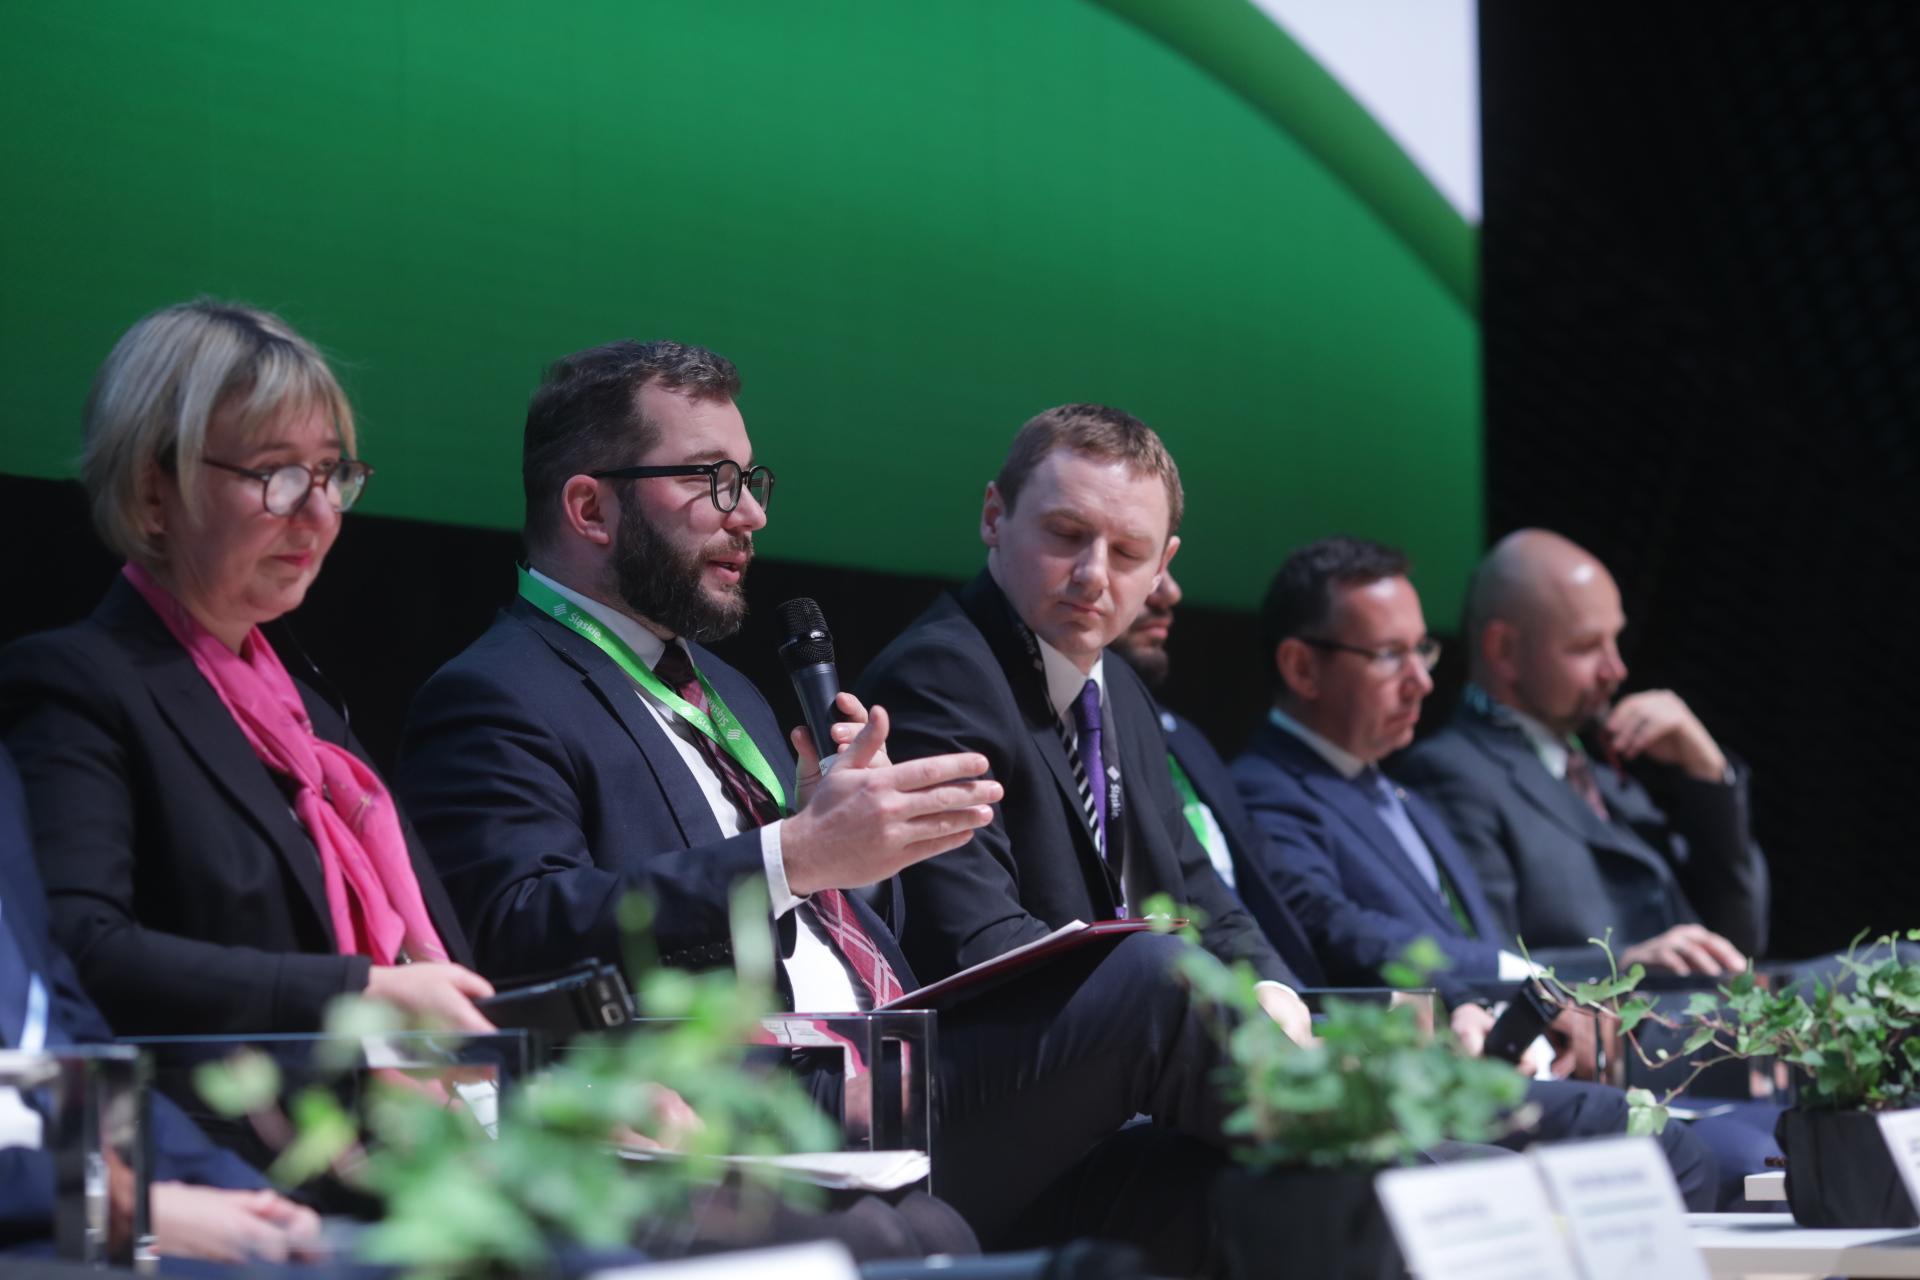 Na zdjęciu grupa ludzi siedząca w rzędzie. Drugi od lewej, wiceminister Grzegorz Puda mówi do mikrofonu.